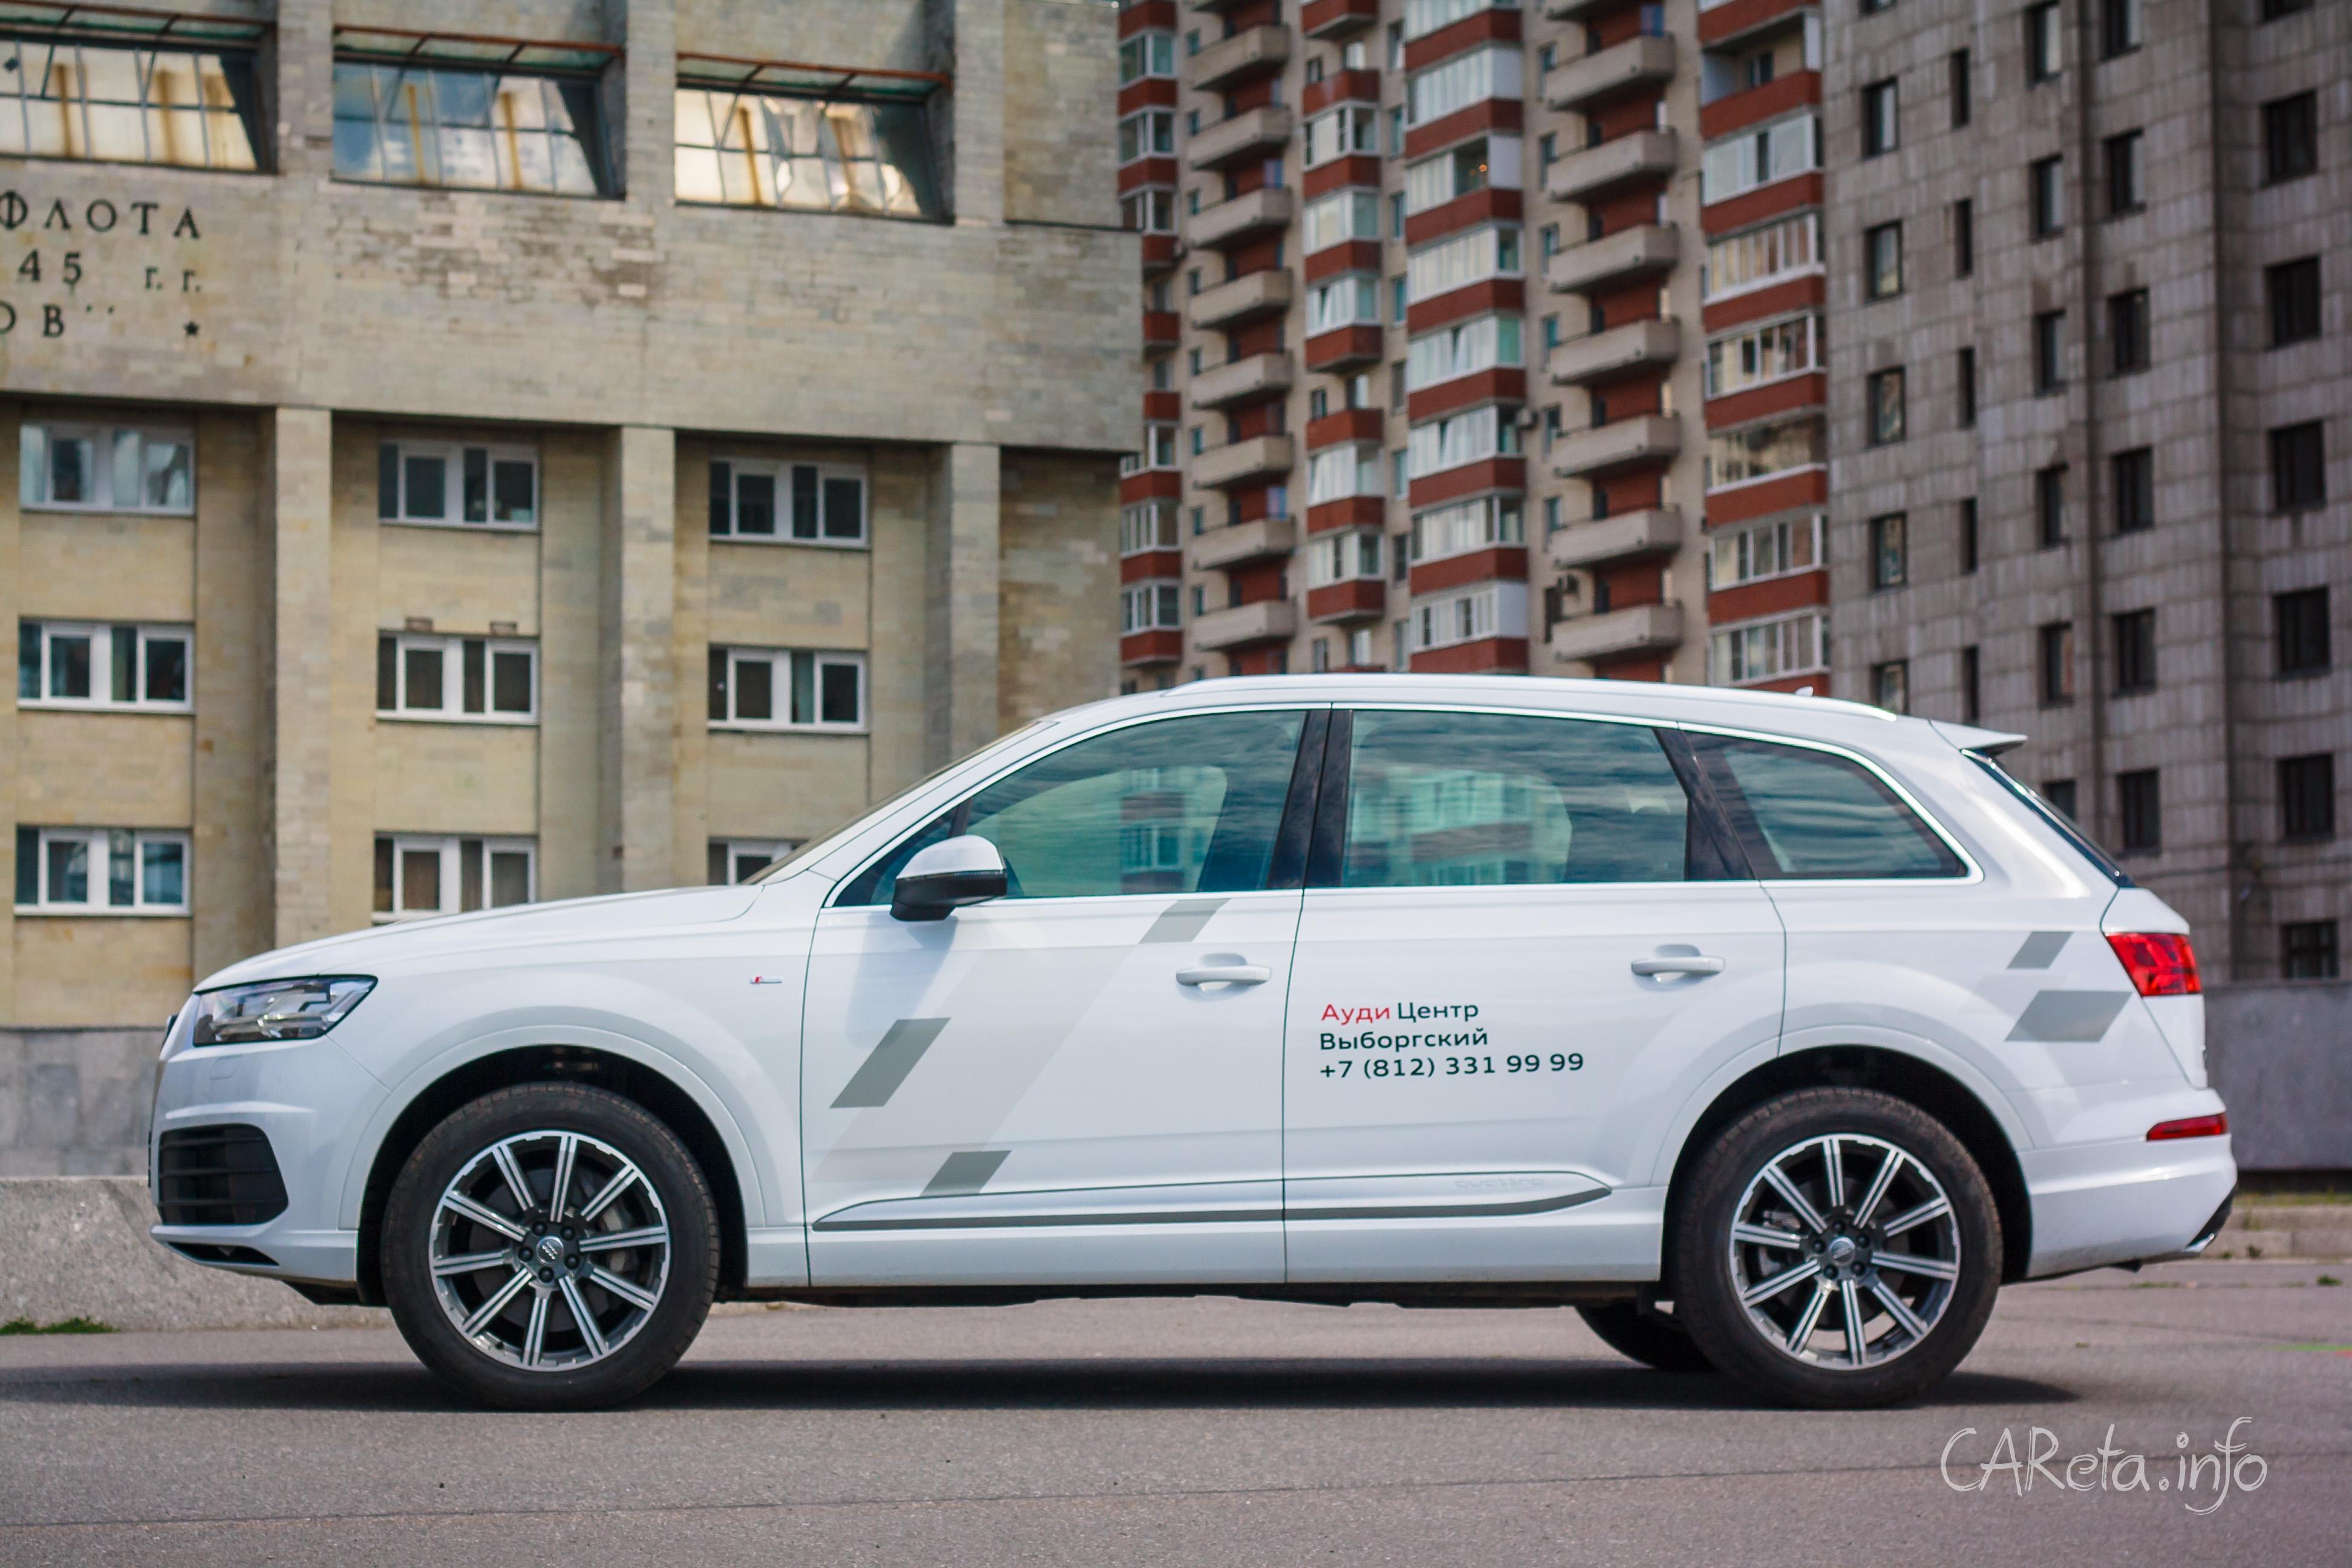 Владельцы Lexus, Audi и Volvo довольны своими автомобилями больше других